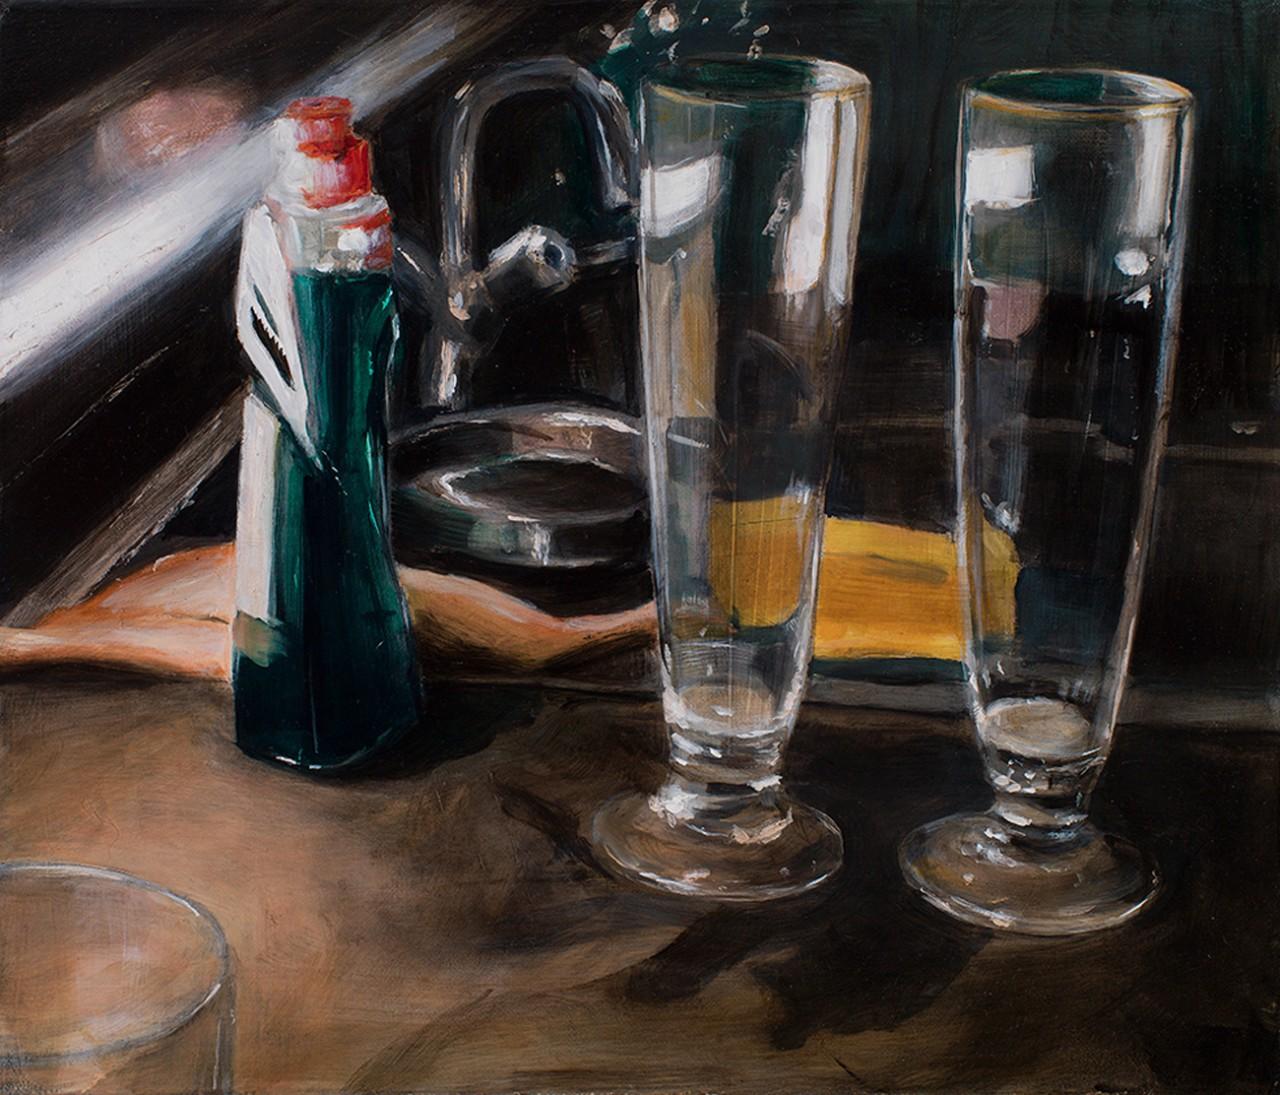 gläser und spüli, 2014, öl/leinwand, 30 x 35 cm